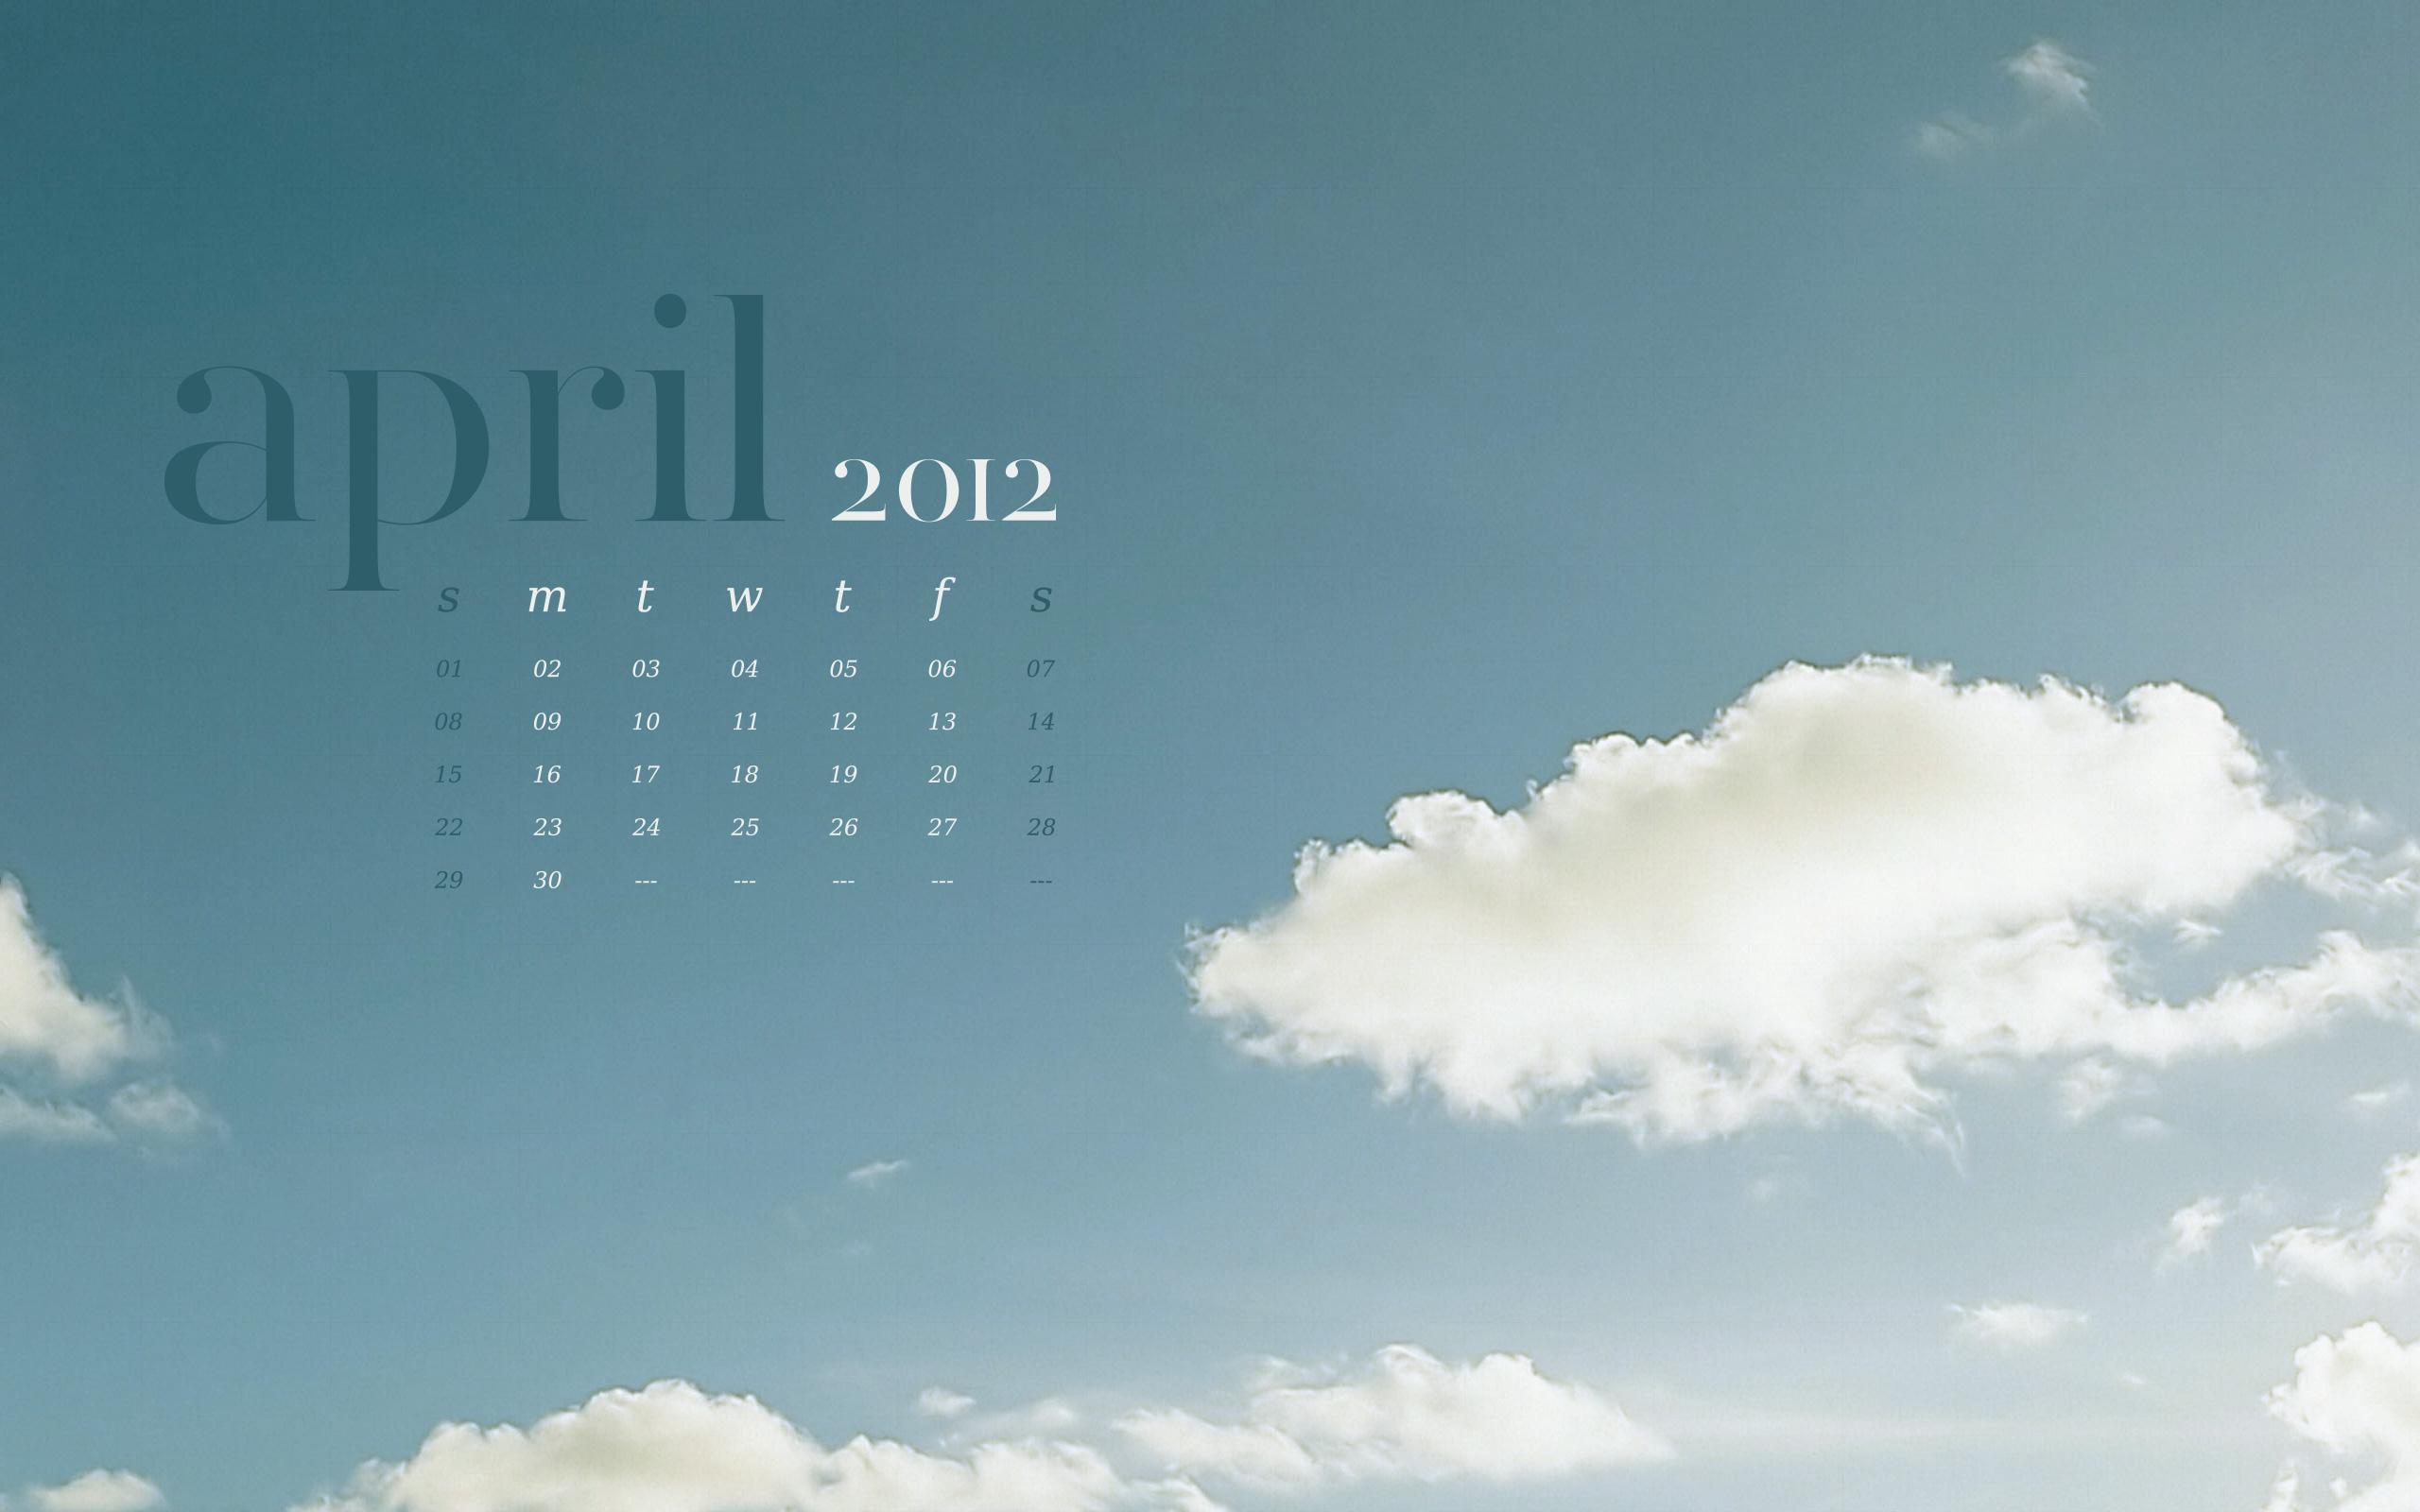 April 2012 Desktop Calendar Wallpaper Paper Leaf 2560x1600